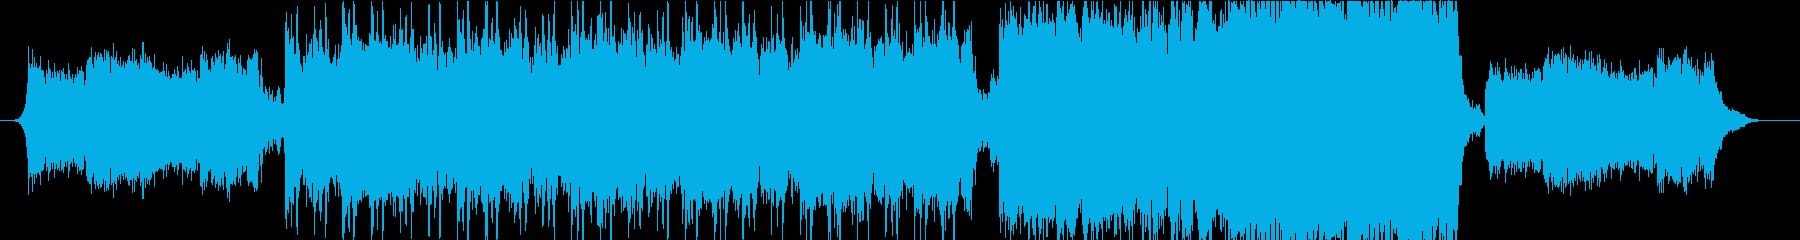 現代の交響曲 厳Sol 素晴らしい...の再生済みの波形